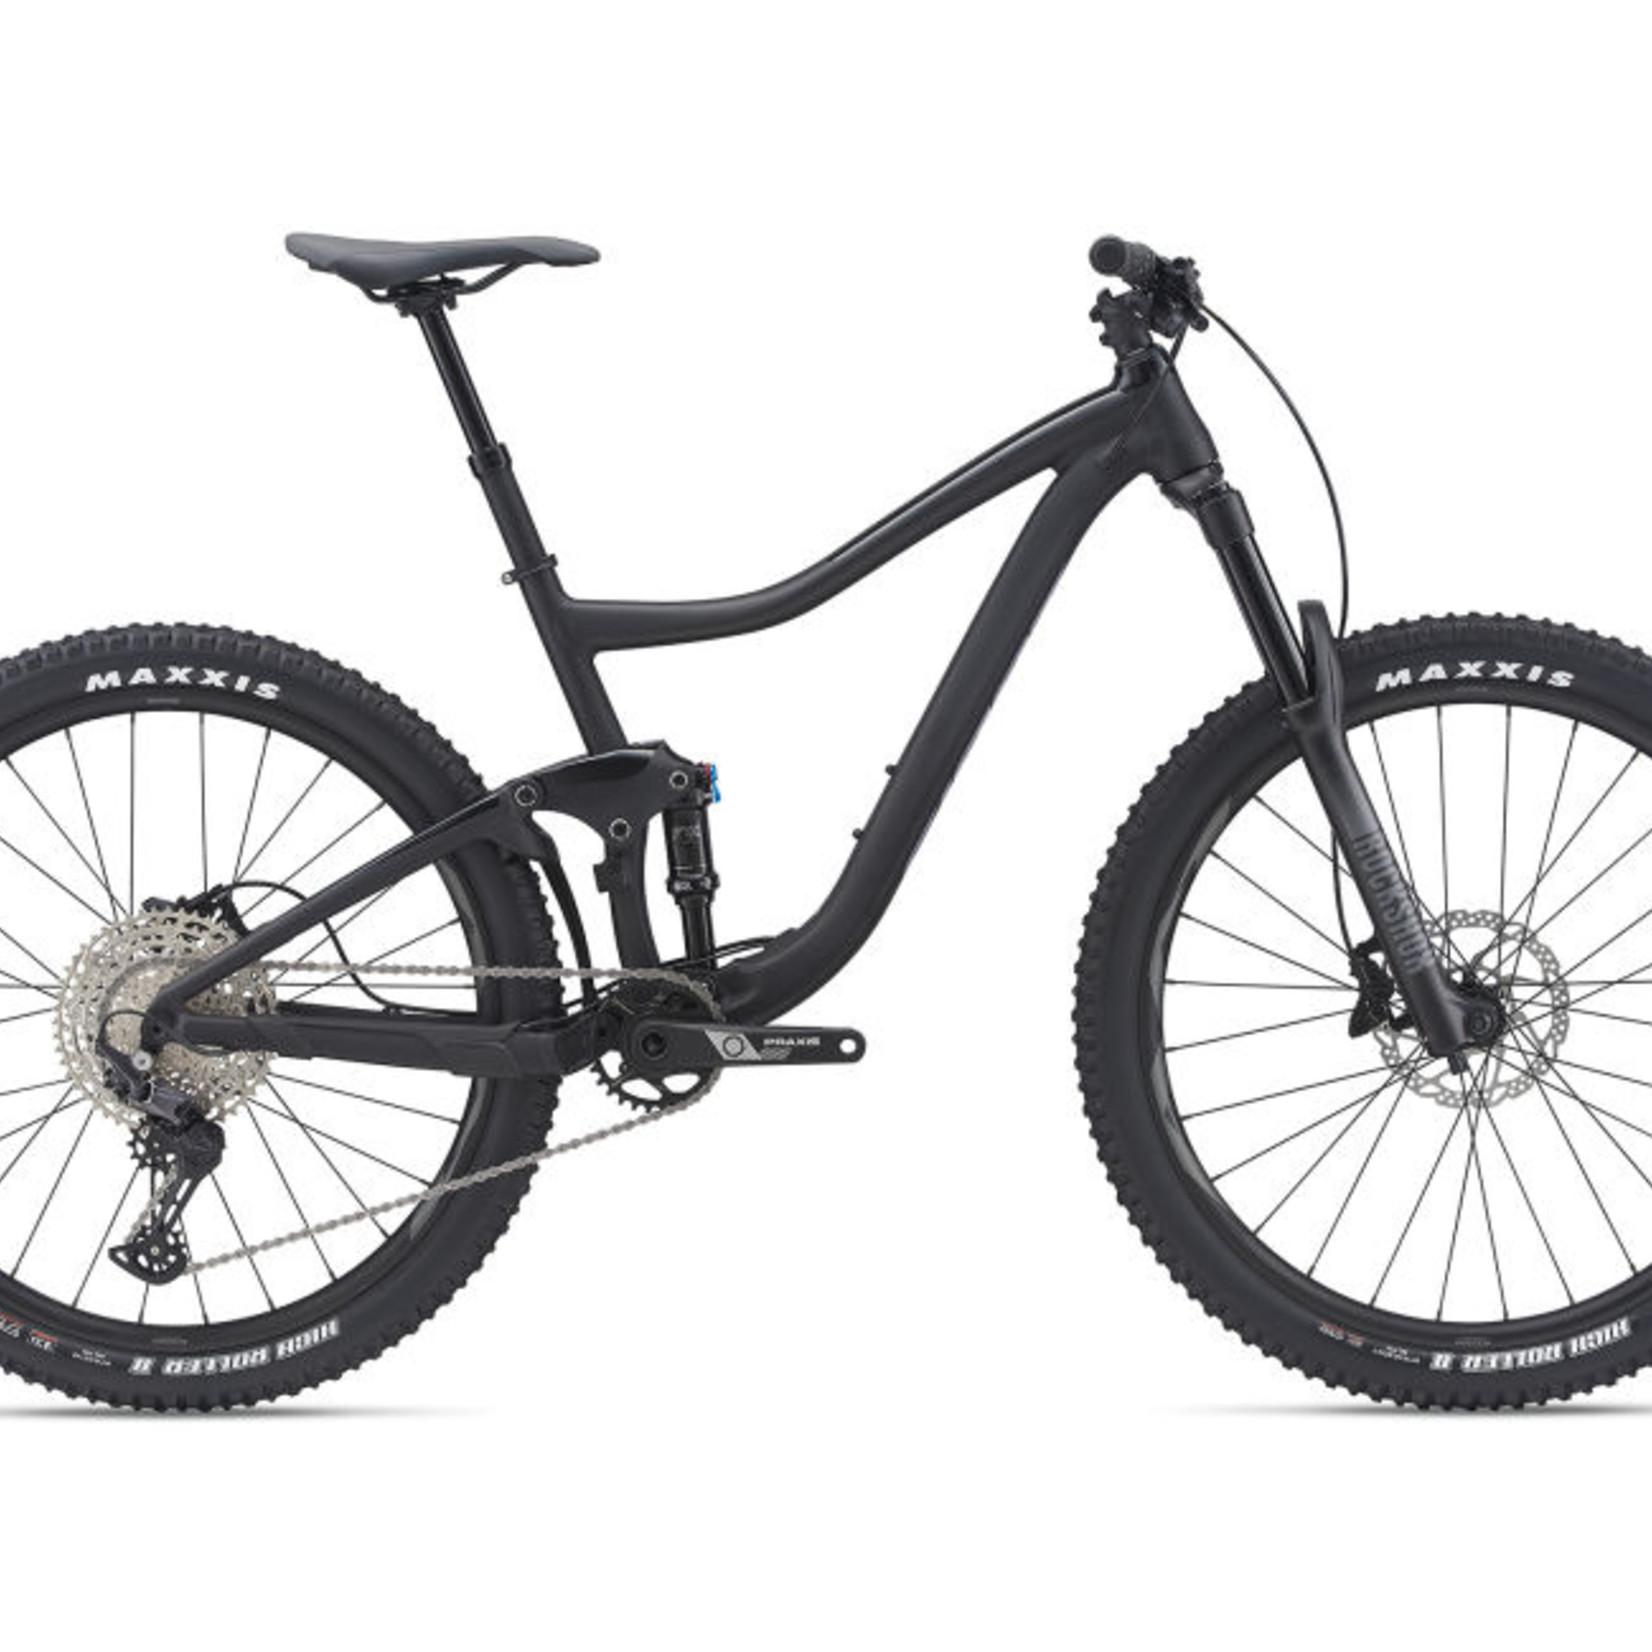 Giant Giant Bike - Trance 27.5 - Black - Med - 2021